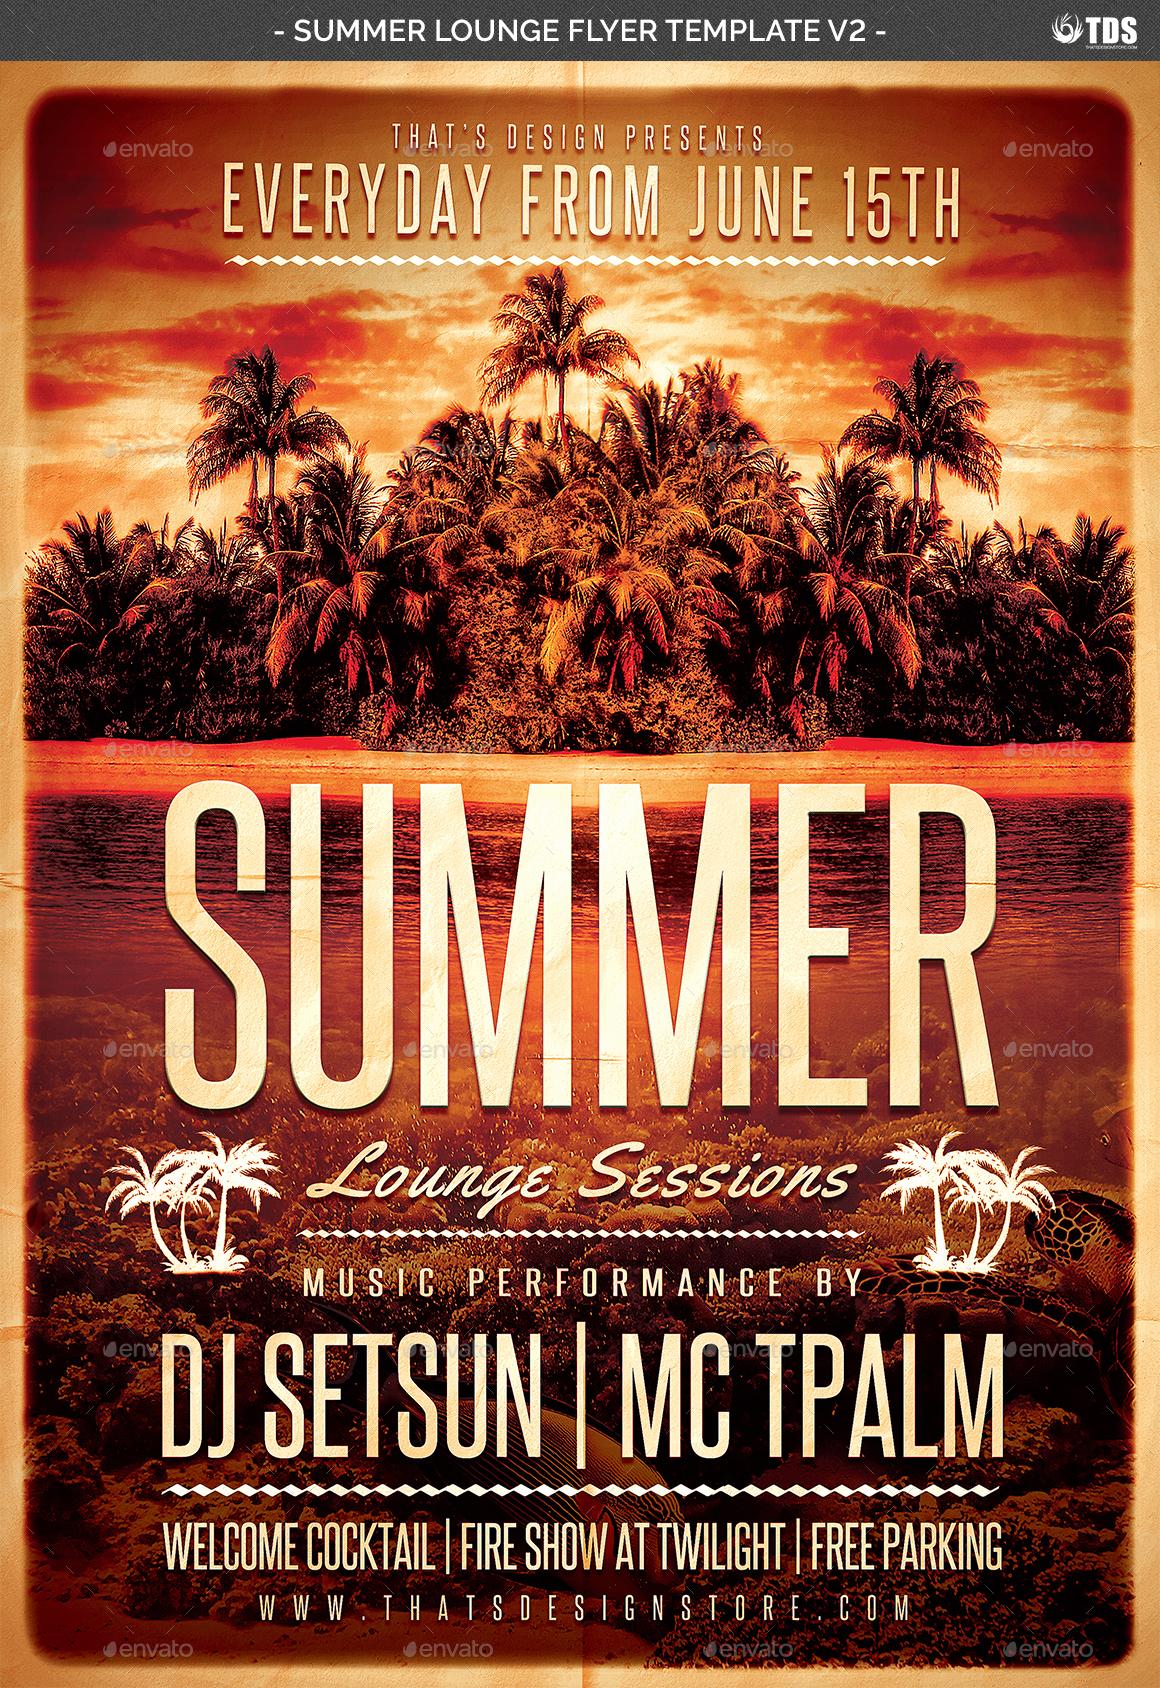 Good 01_Summer Lounge Flyer Template V2 02_Summer Lounge Flyer Template  V2 03_Summer Lounge Flyer Template V2 ...